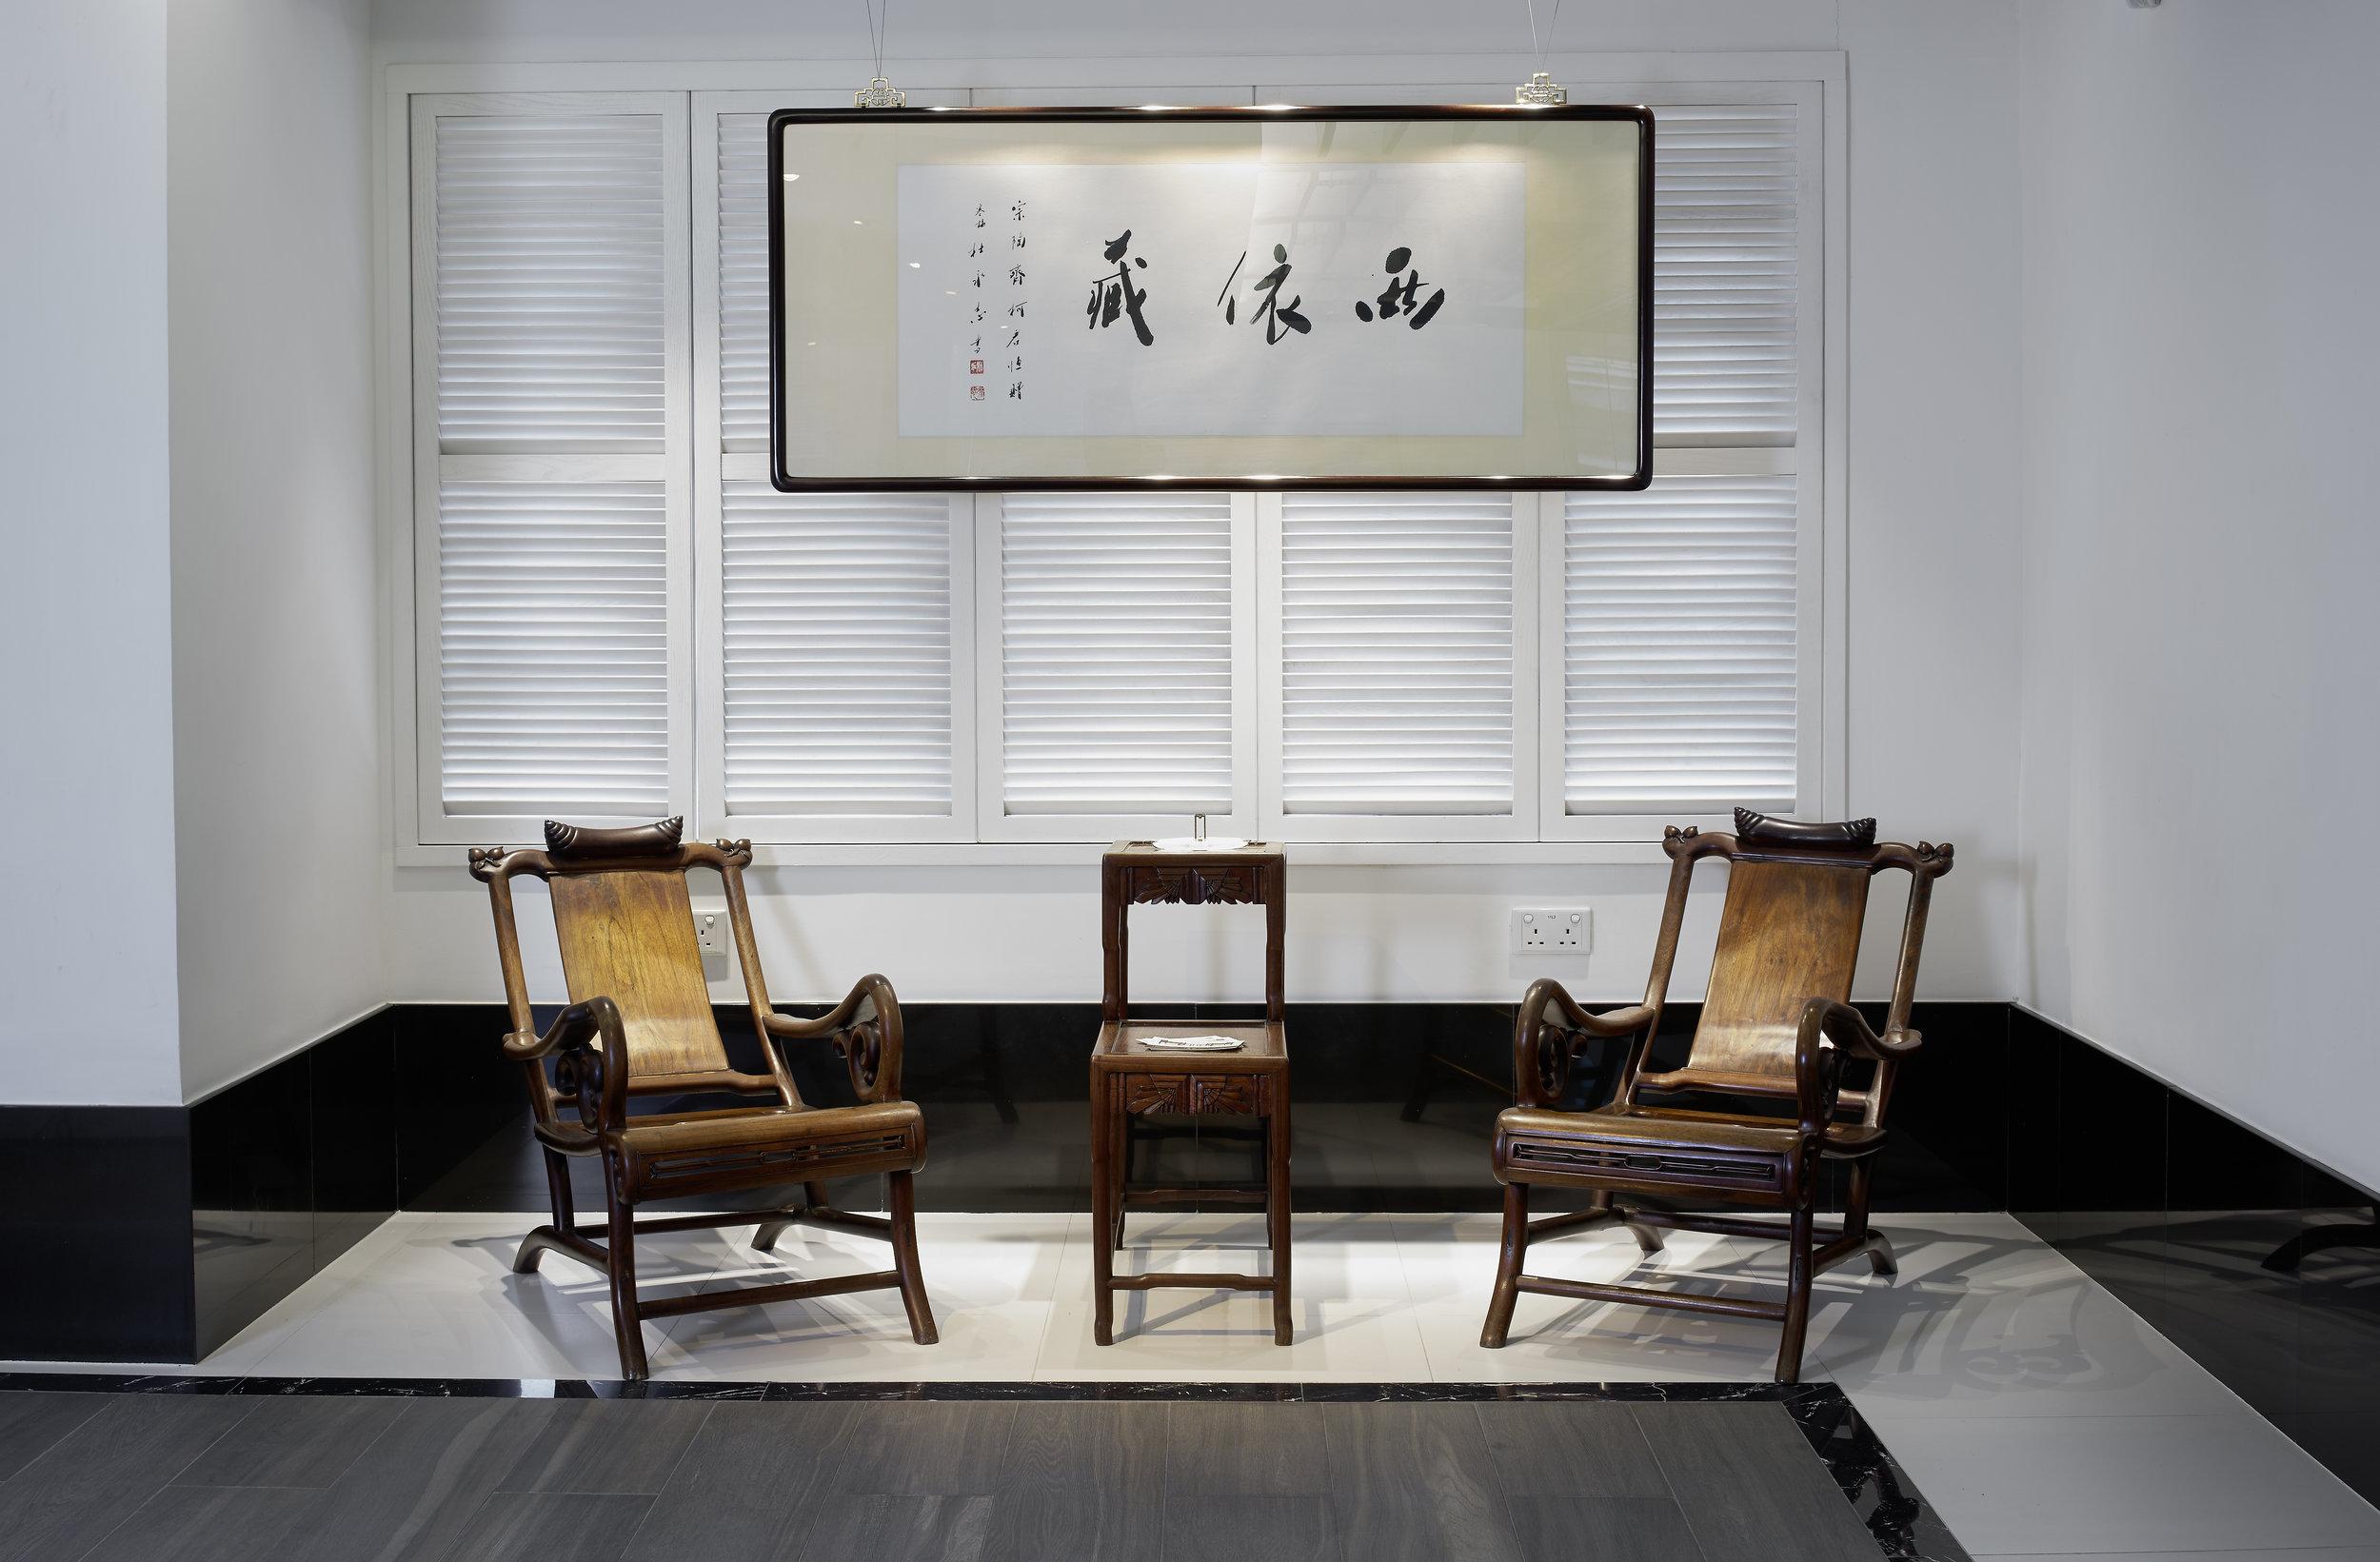 (此为冯先生30多年前买的第一套收藏-图片来源︰两依藏博物馆)